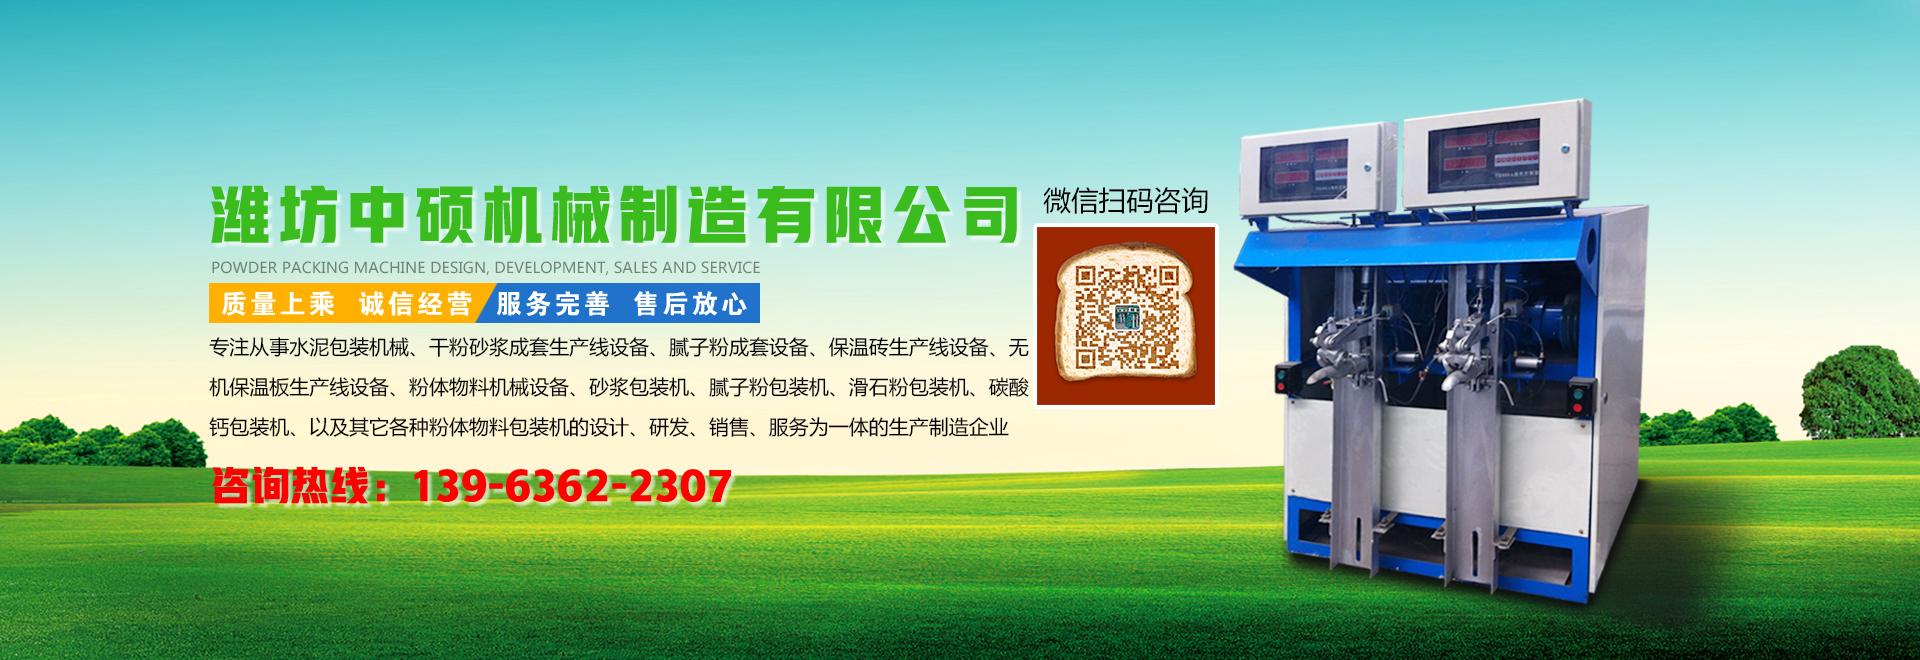 潍坊中硕机械制造有限公司联系方式